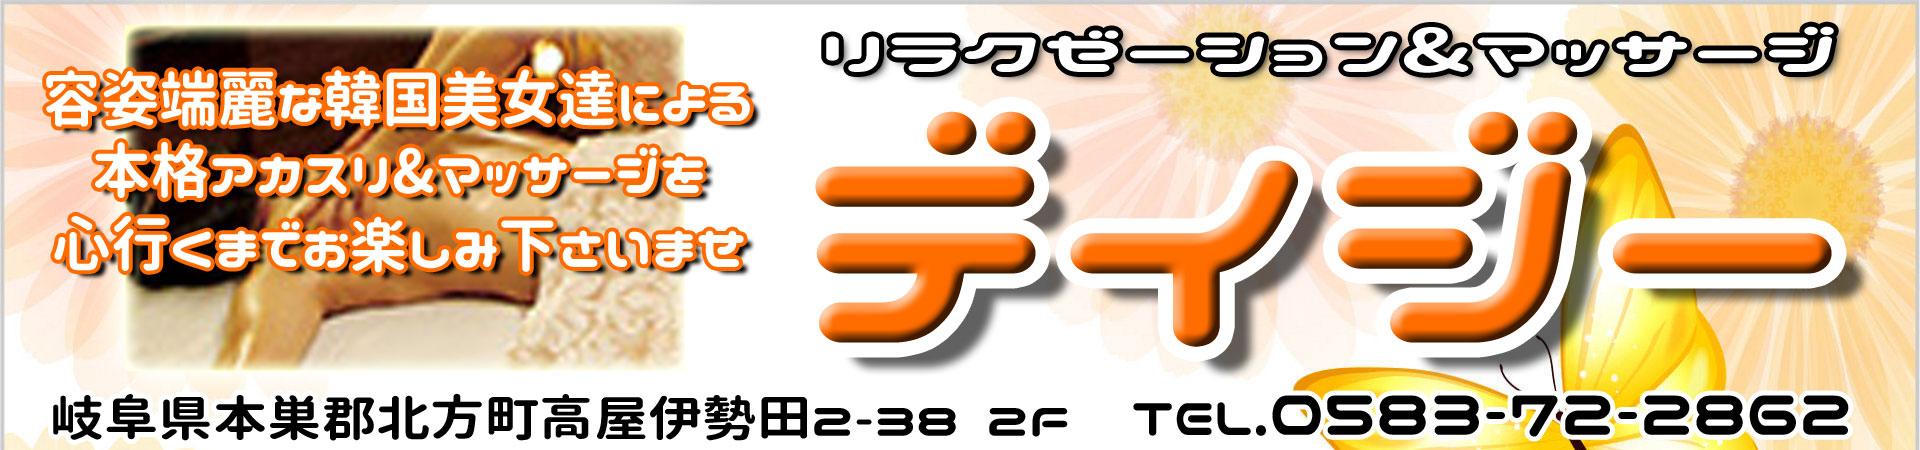 【デイジー】穂積/岐阜